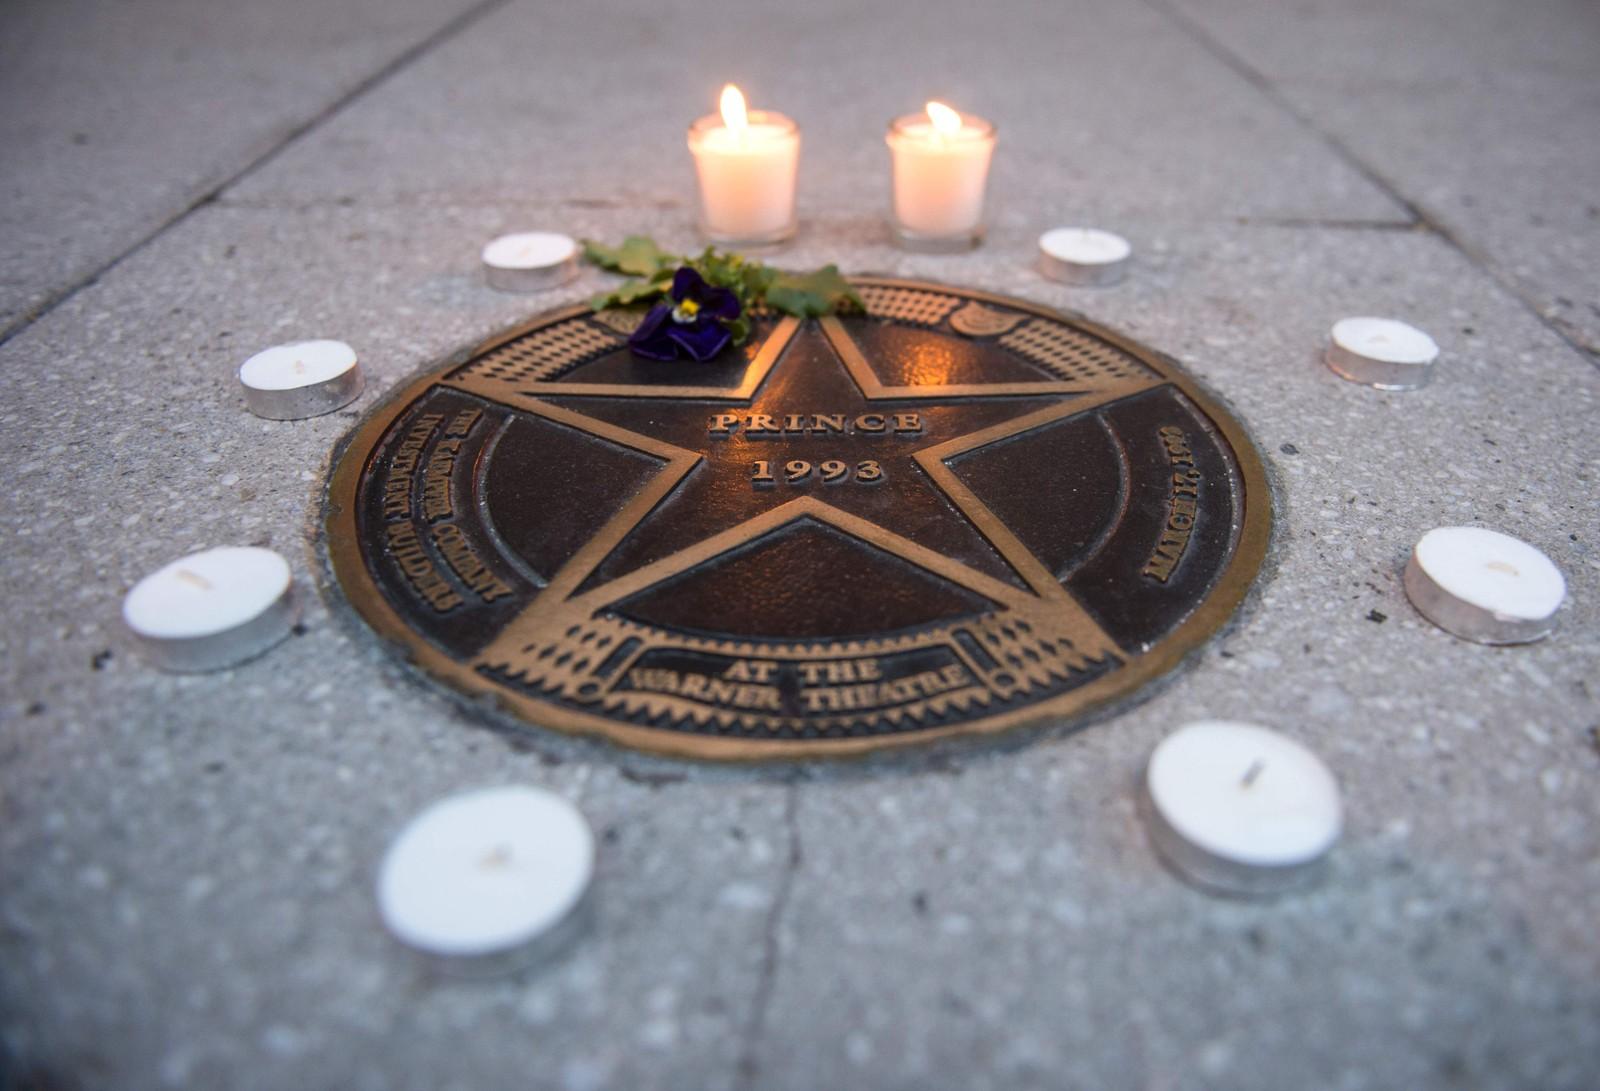 Fans tente lys rundt en stjerne utenfor Warner Theatre i Washington D.C. da de fikk vite at artisten Prince var gått bort. Han døde 21. april og ble 57 år gammel.